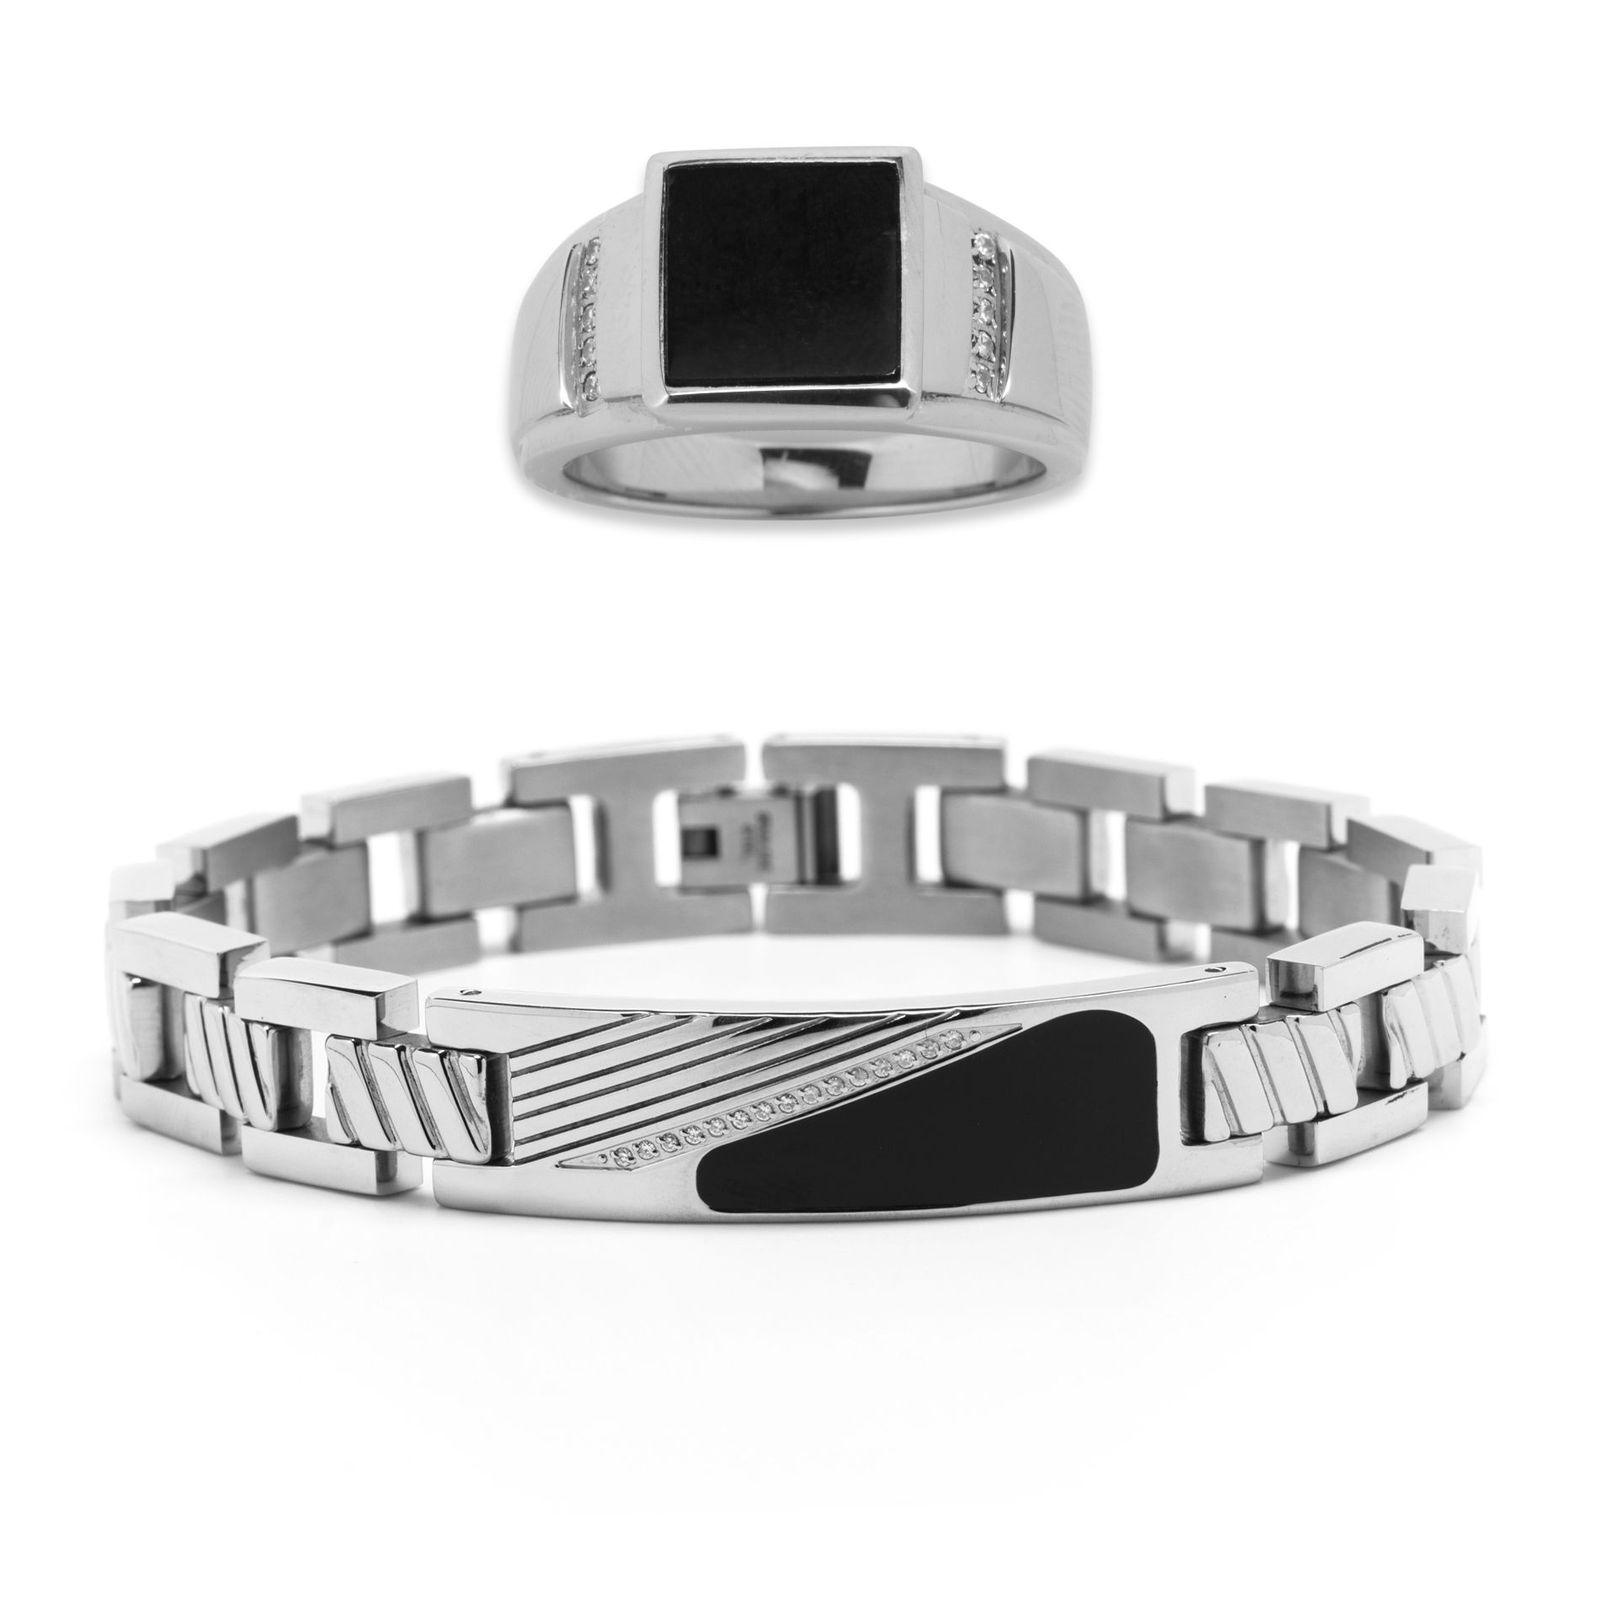 Men's Stainless Steel Bracelet and Ring Set